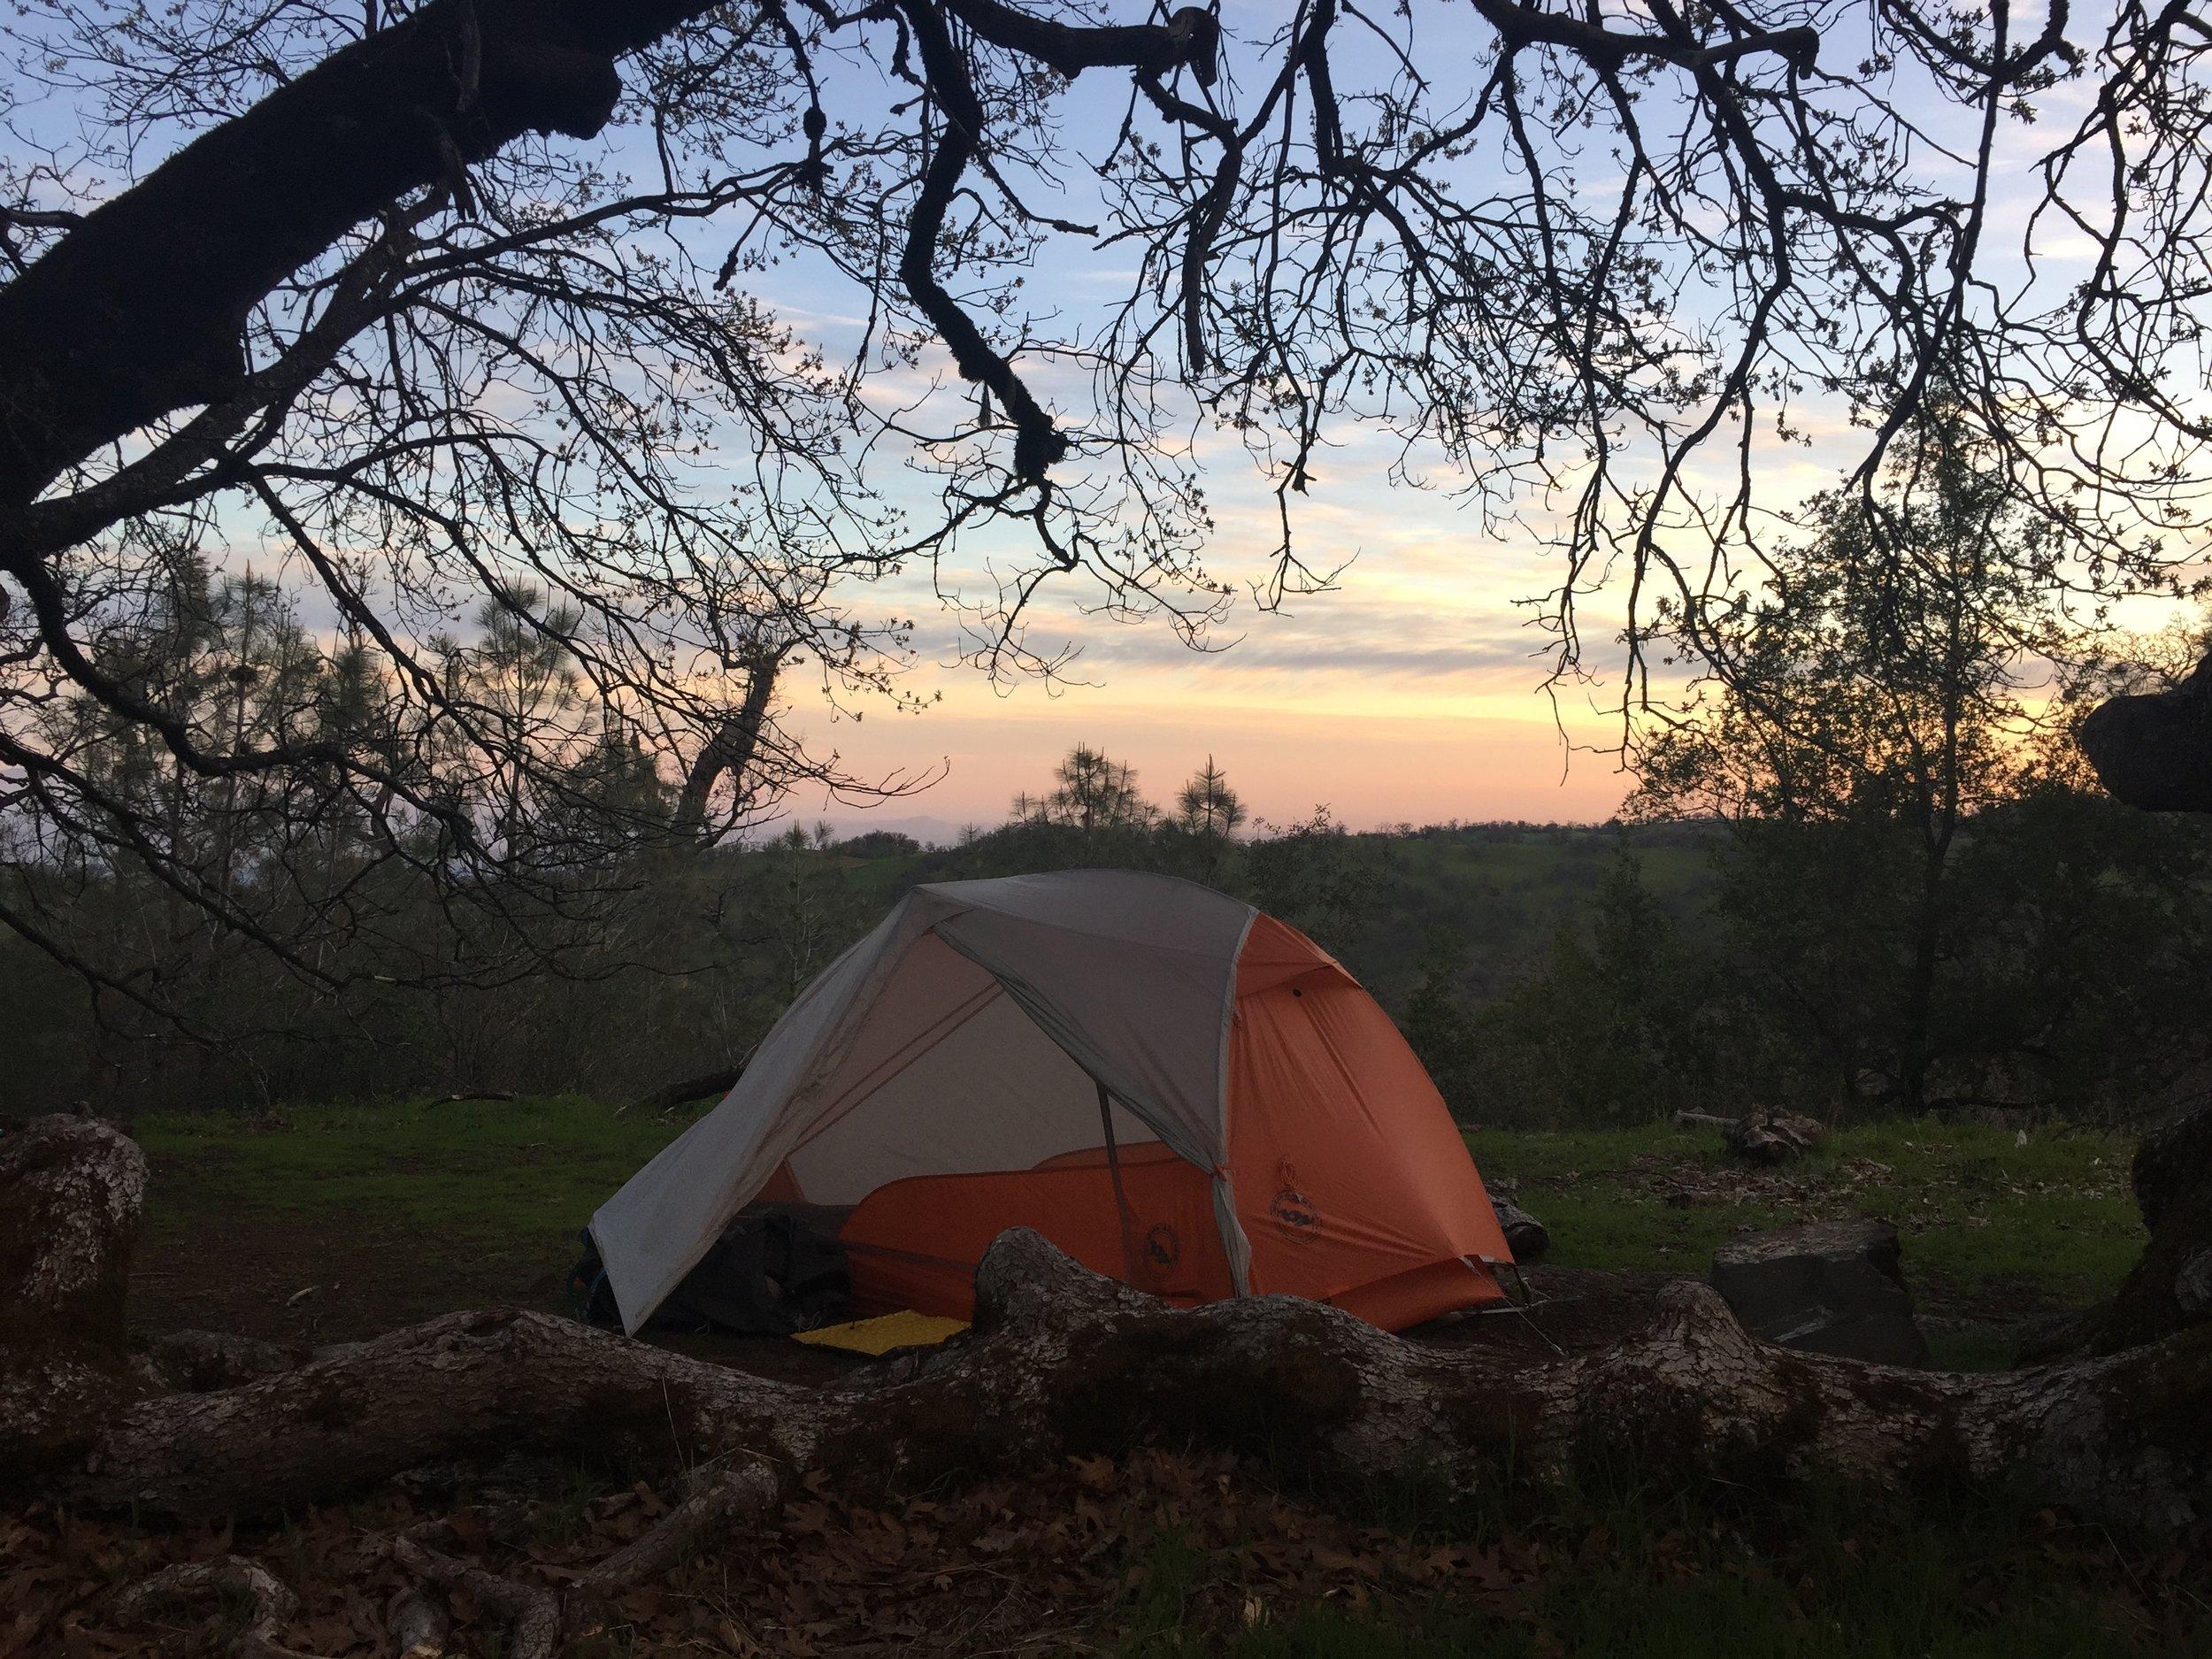 Sunrise at Maggie's Half Acre